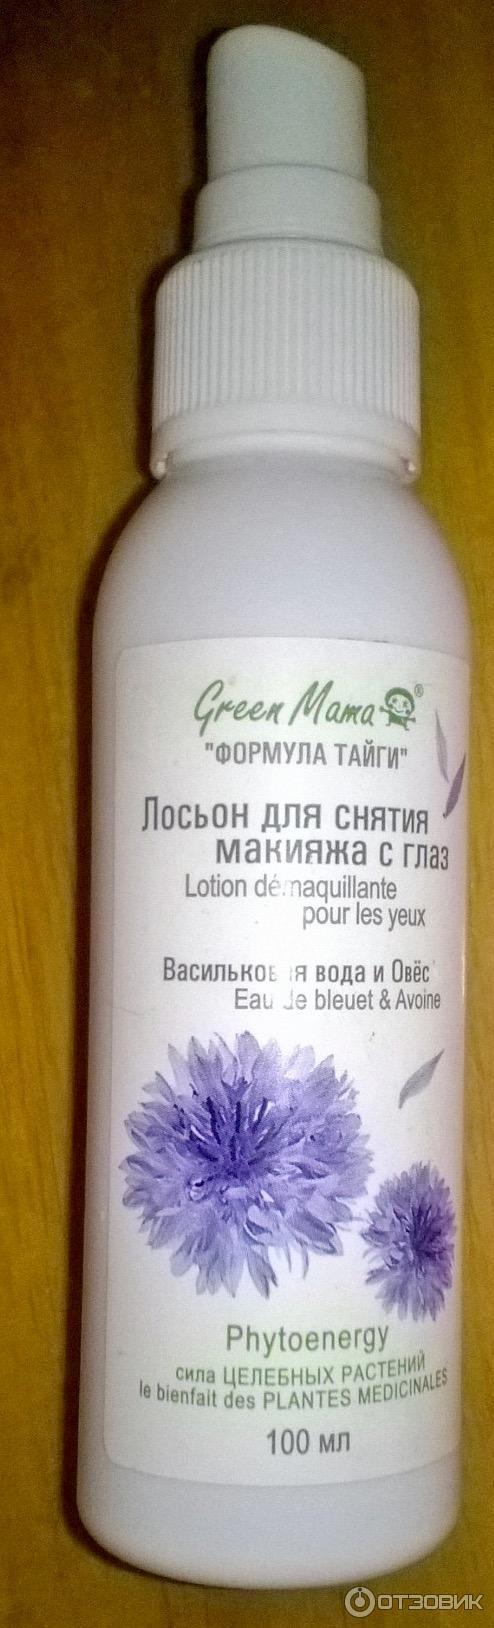 Green mama лосьон для снятия макияжа